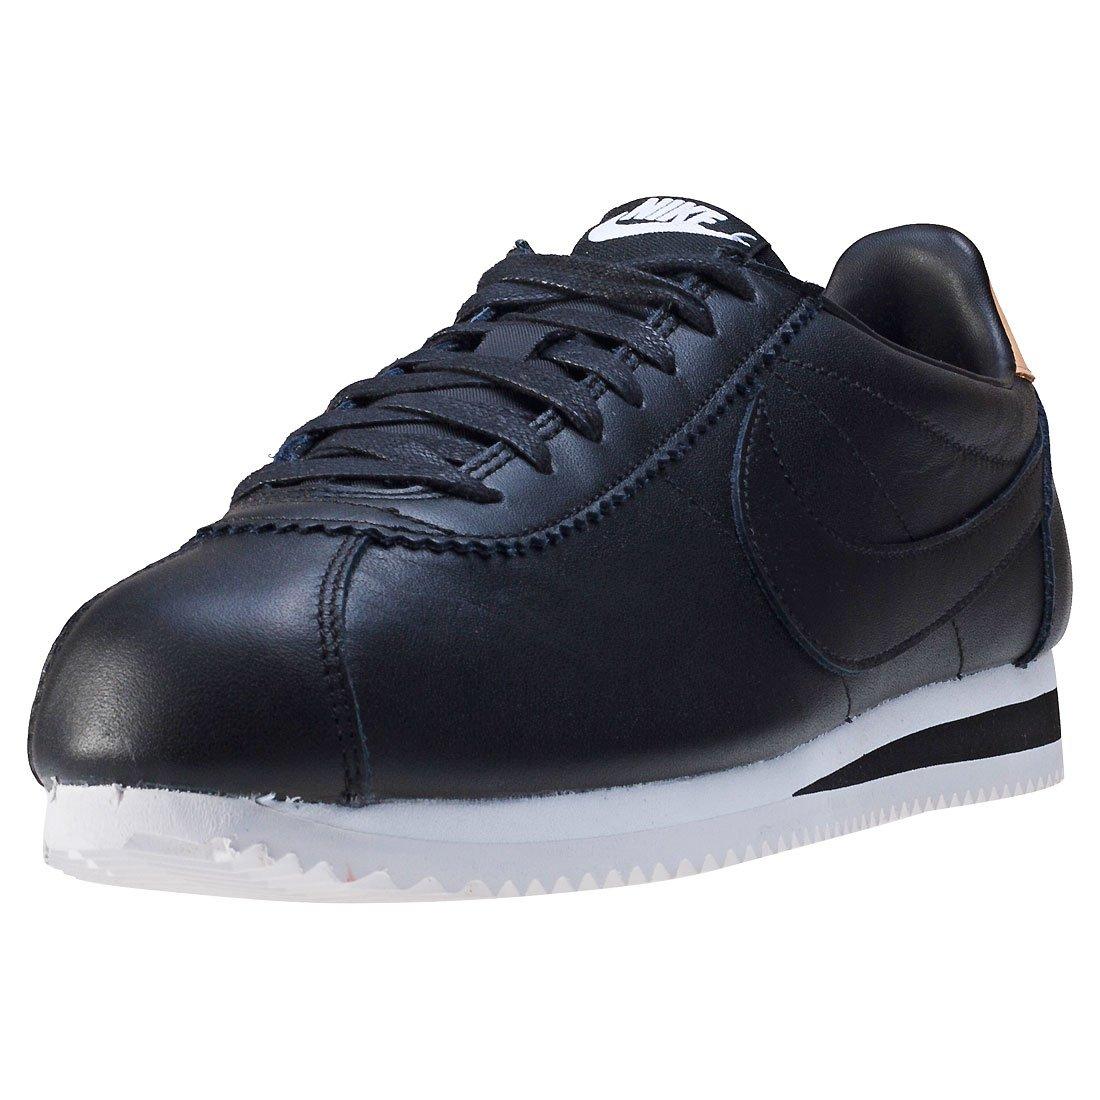 NIKE Herren Schuhe Classic Cortez Leather SE 861535-004 schwarz US 11,5